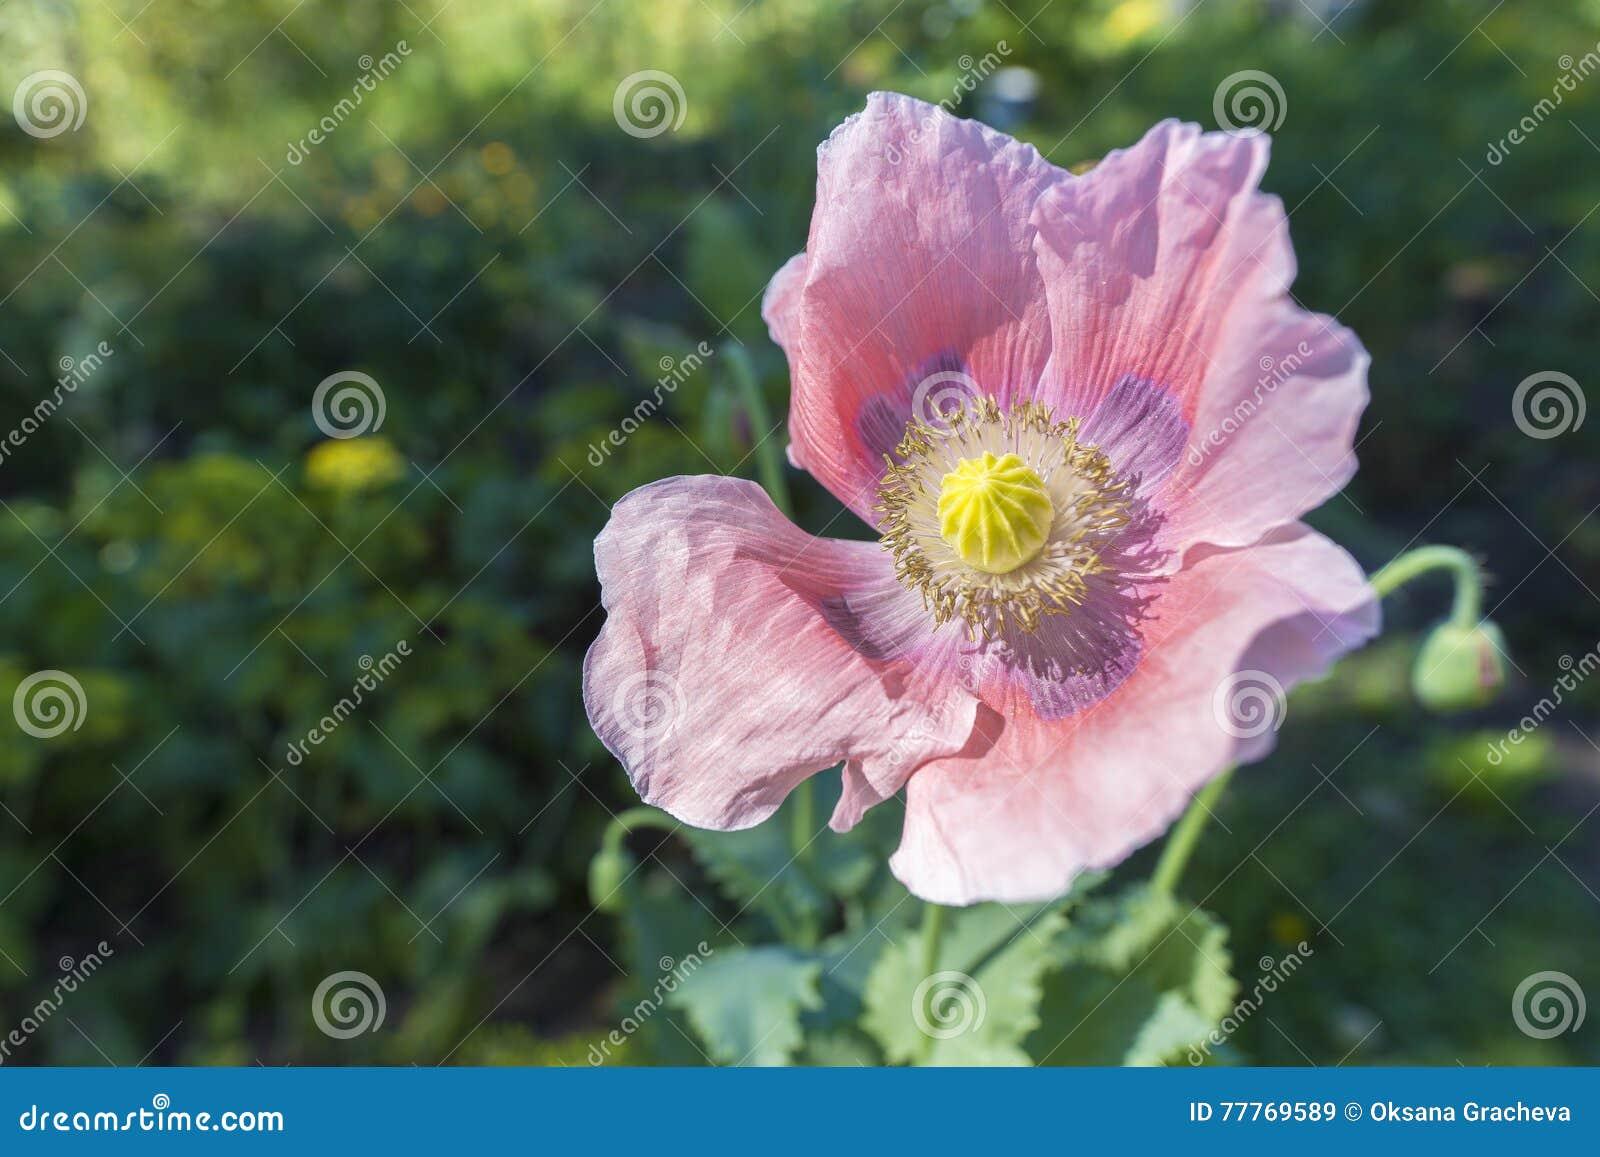 Opium poppy papaver somniferum poppy flower stock image image download opium poppy papaver somniferum poppy flower stock image image of ingredient mightylinksfo